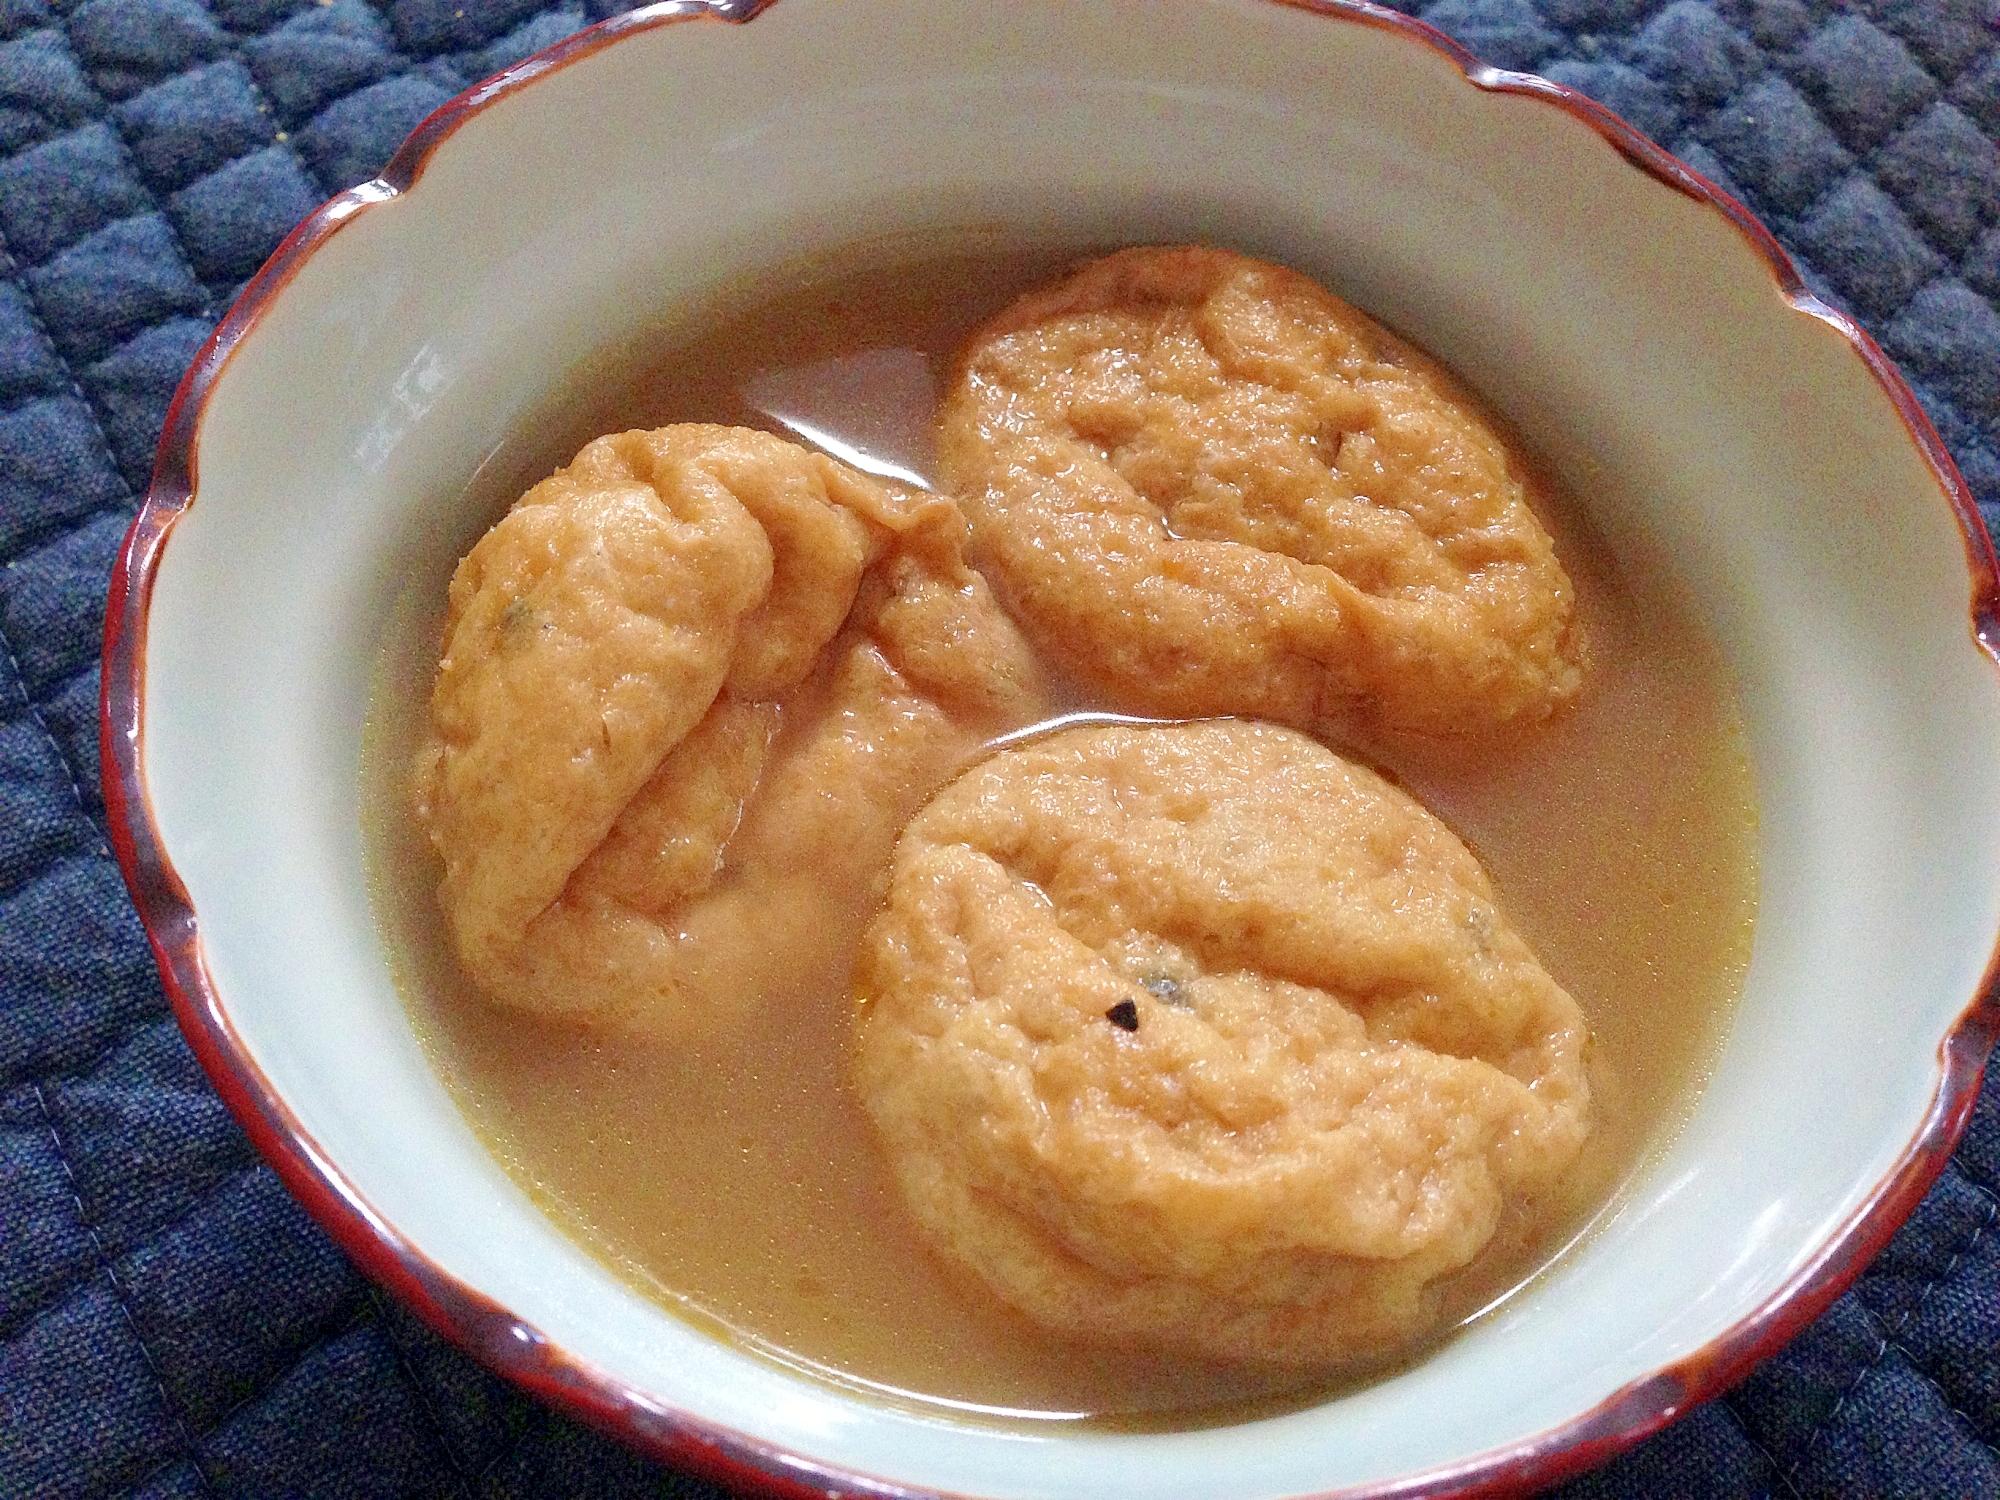 冷めても美味しい 基本のがんもどきの煮物 レシピ・作り方 by chococco3215|楽天レシピ